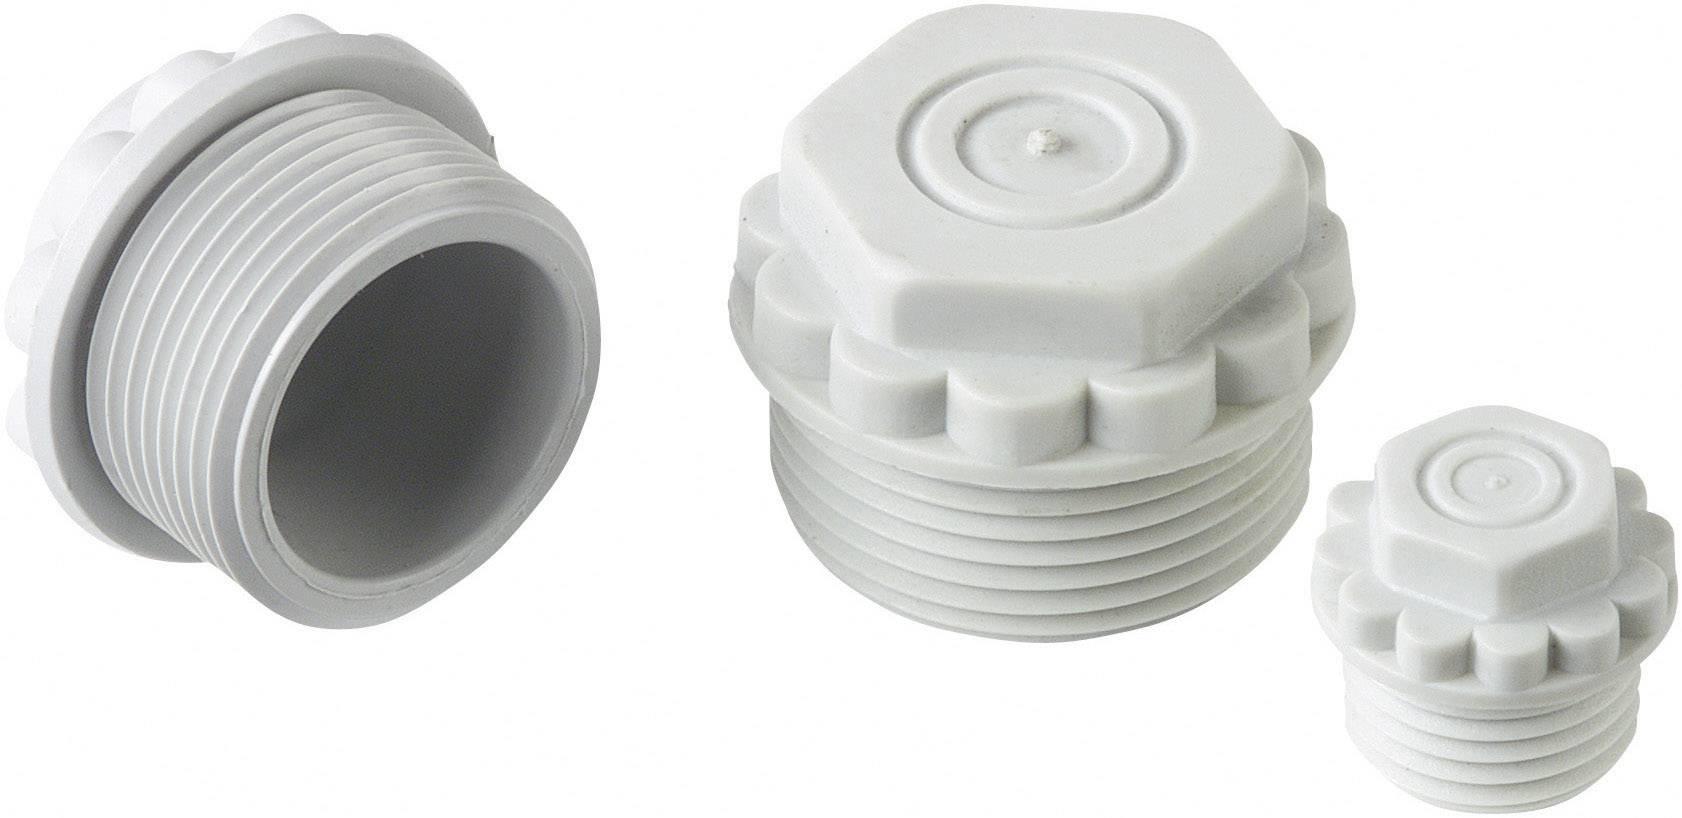 Záslepka LappKabel SKINDICHT® M40, s priepustnou membránou, polystyrén, 1 ks